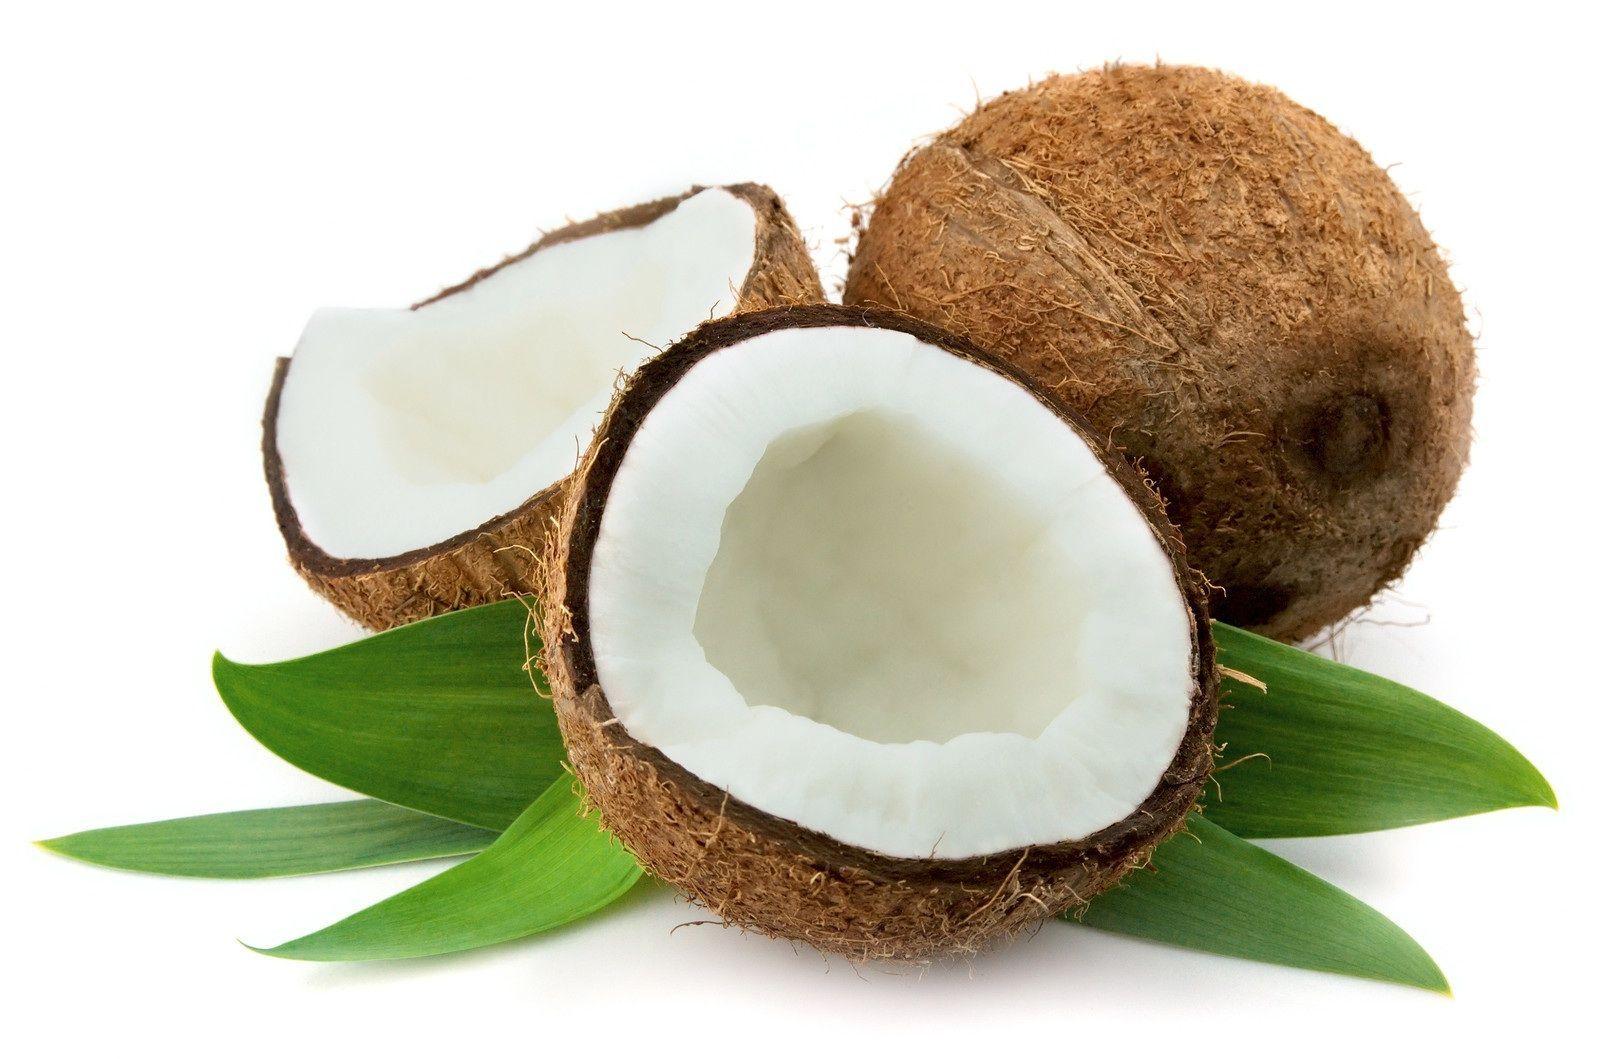 Những loại trái cây giàu protein lại kích thích dị ứng và gây khó chịu cho vùng mũi